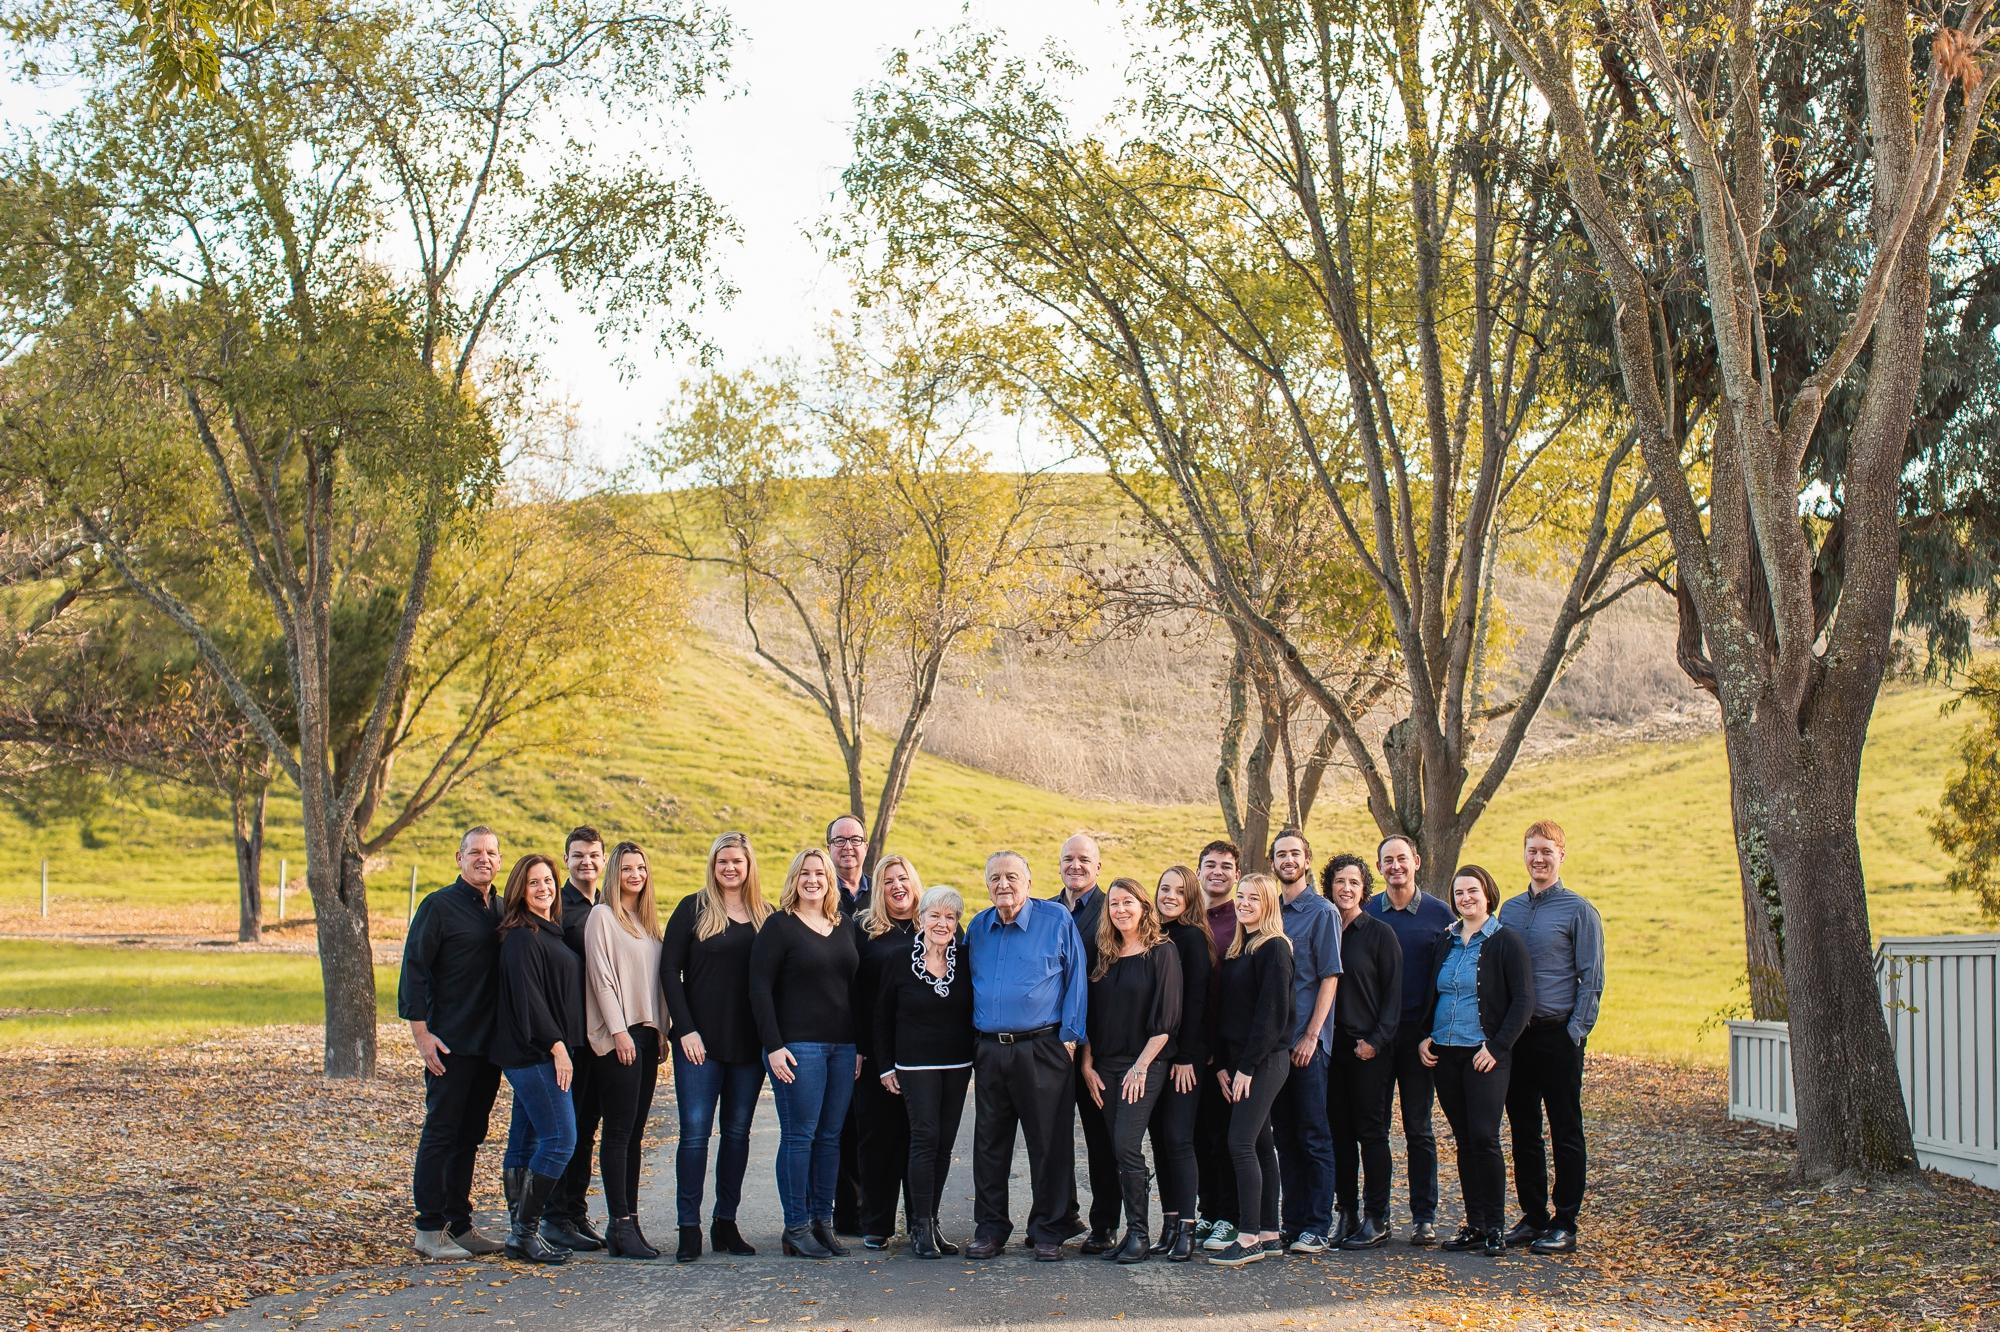 danville california family session 1.jpg